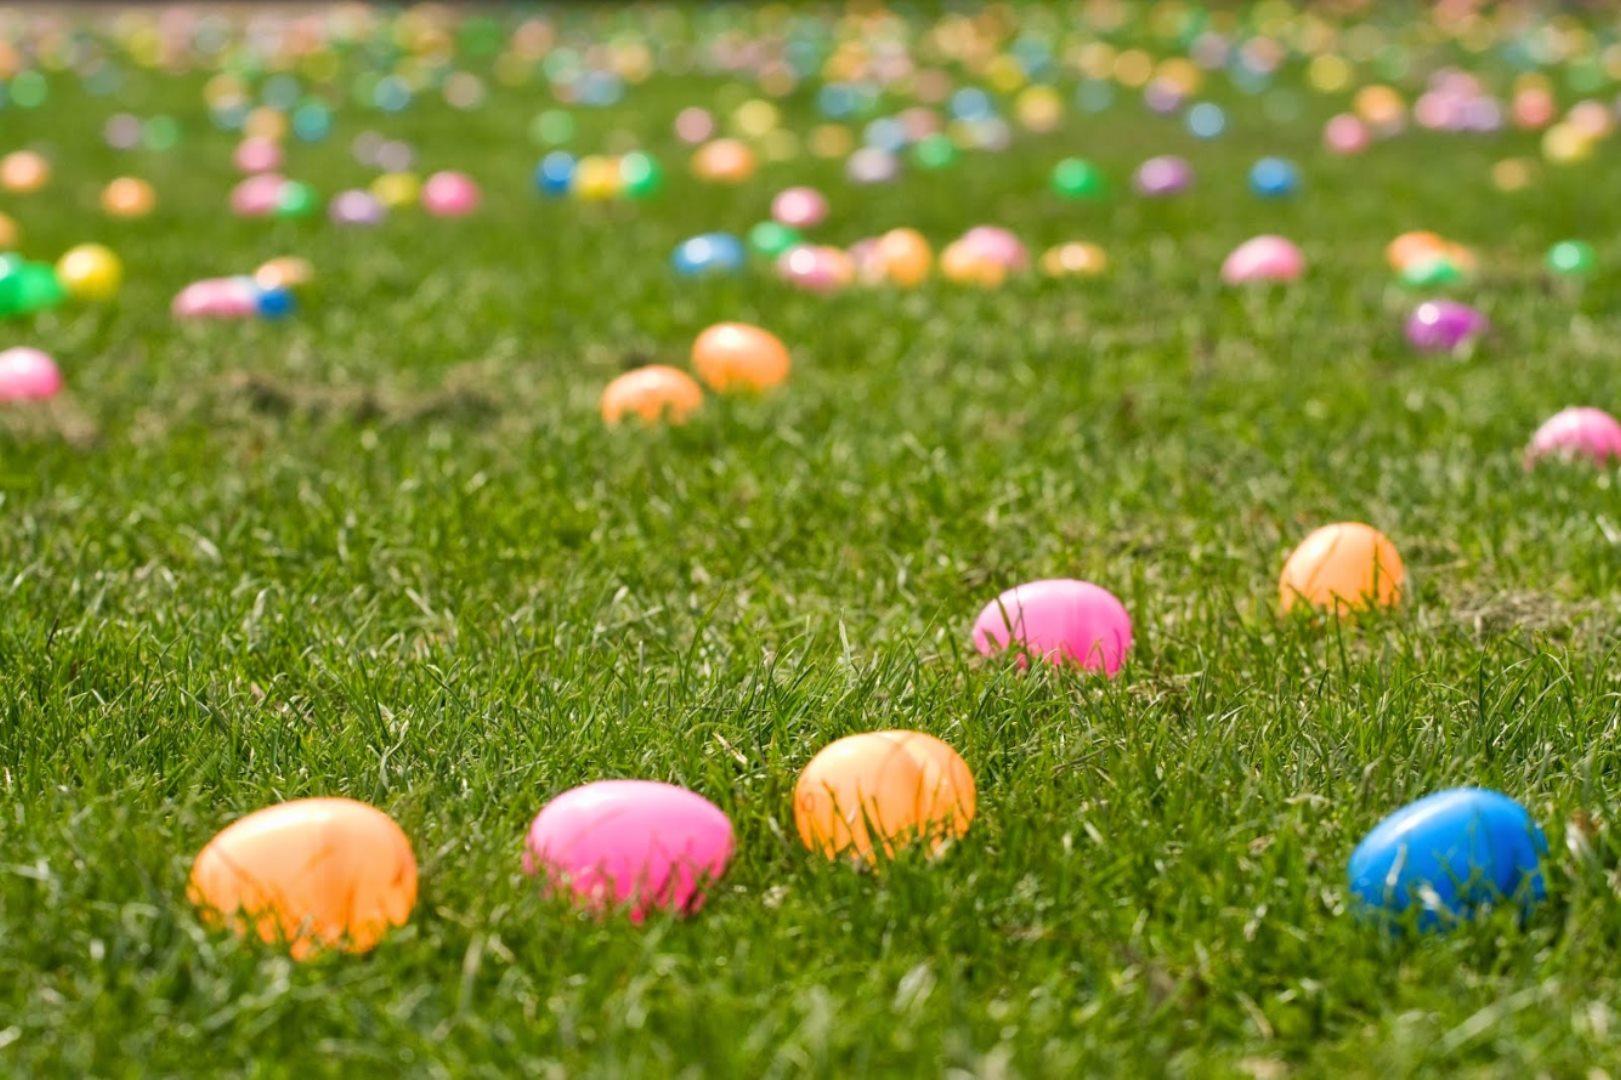 Oak Park Egg Scramble & Festival